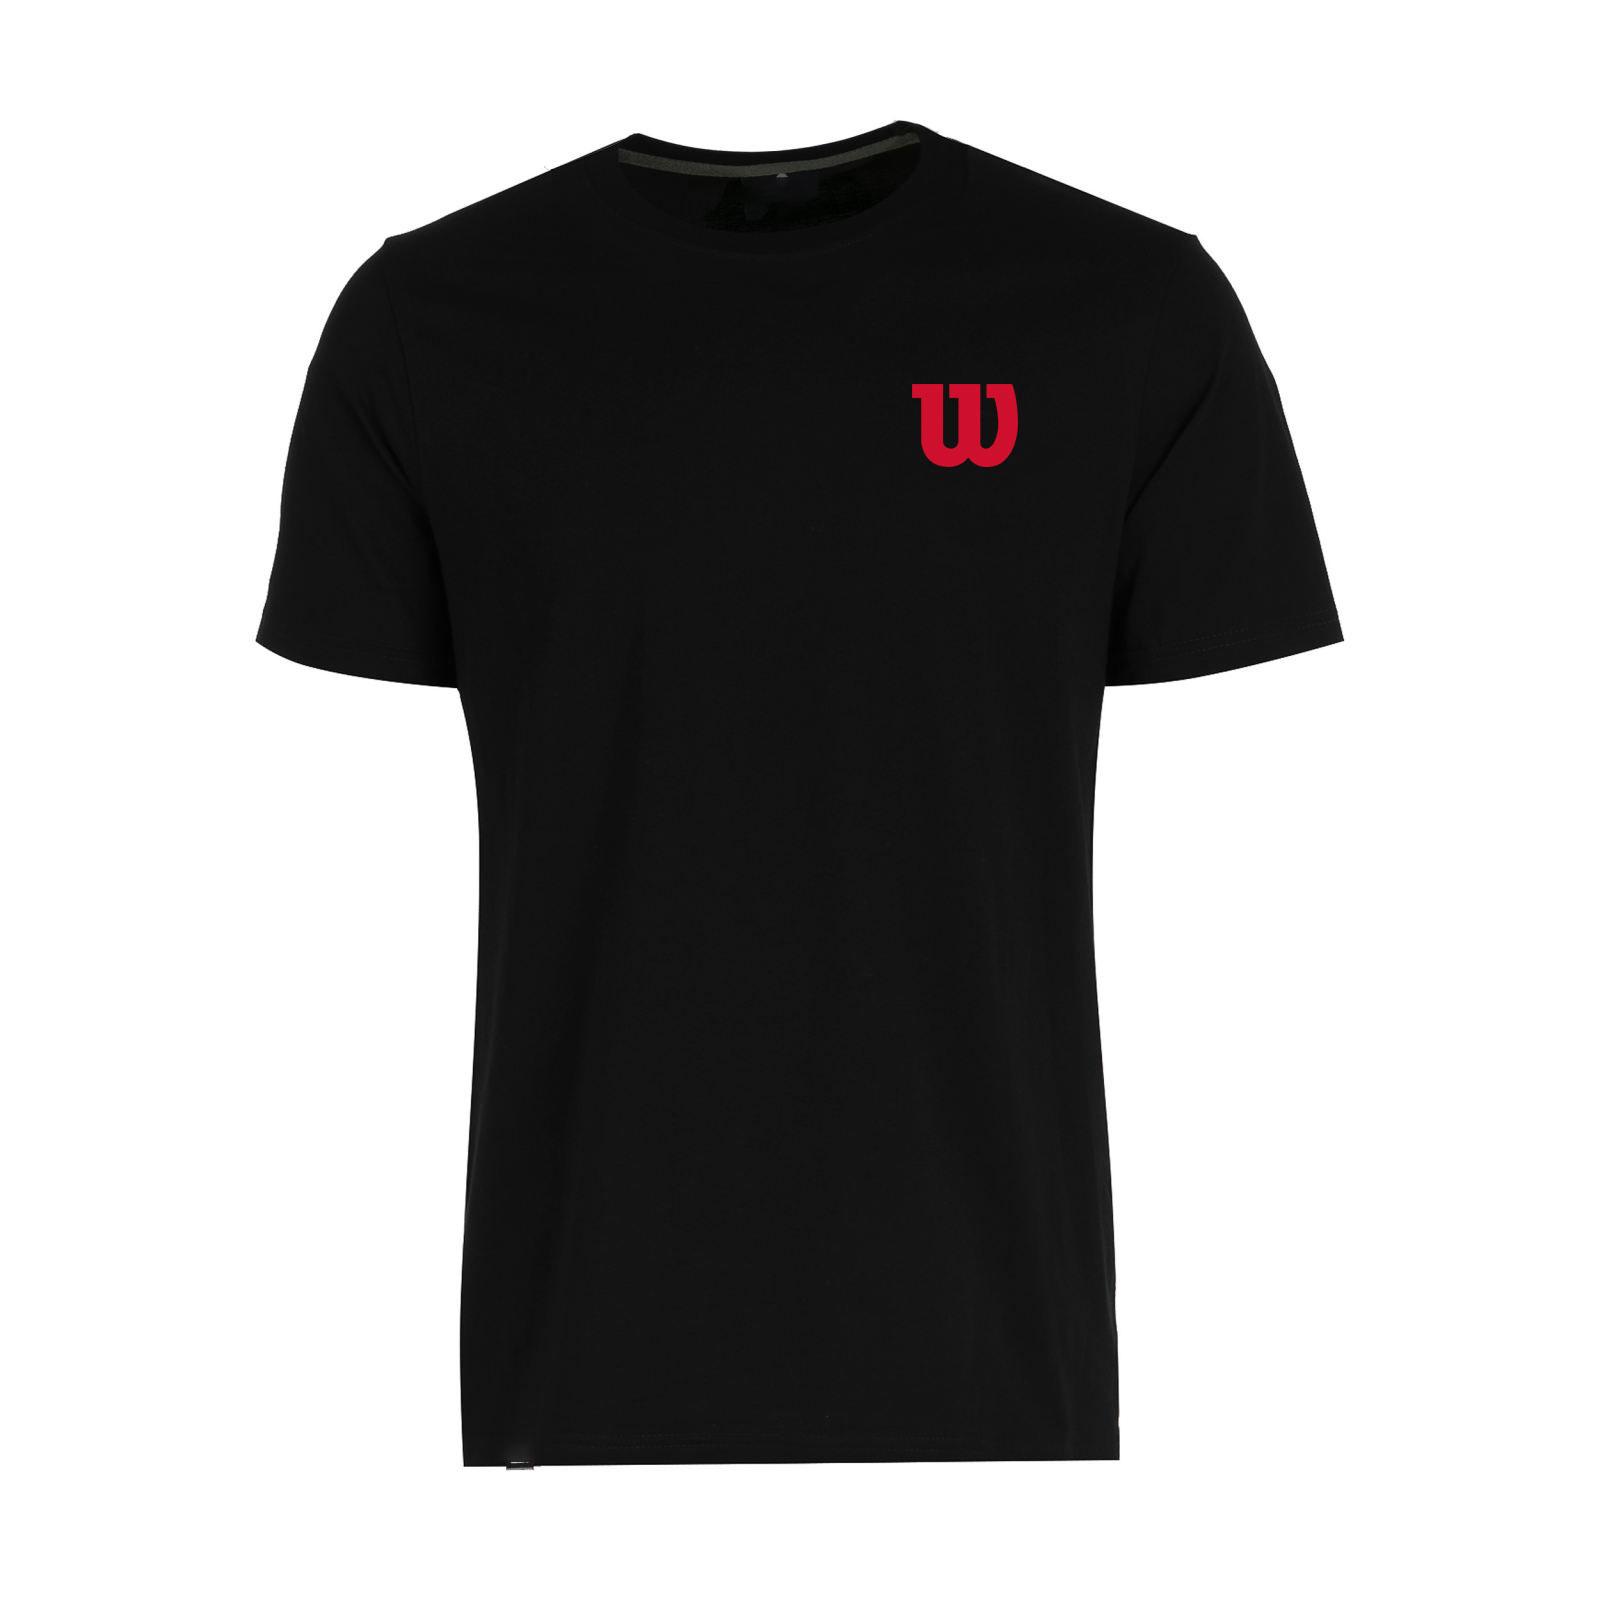 تی شرت ورزشی مردانه ویلسون مدل ریتا  کد 1